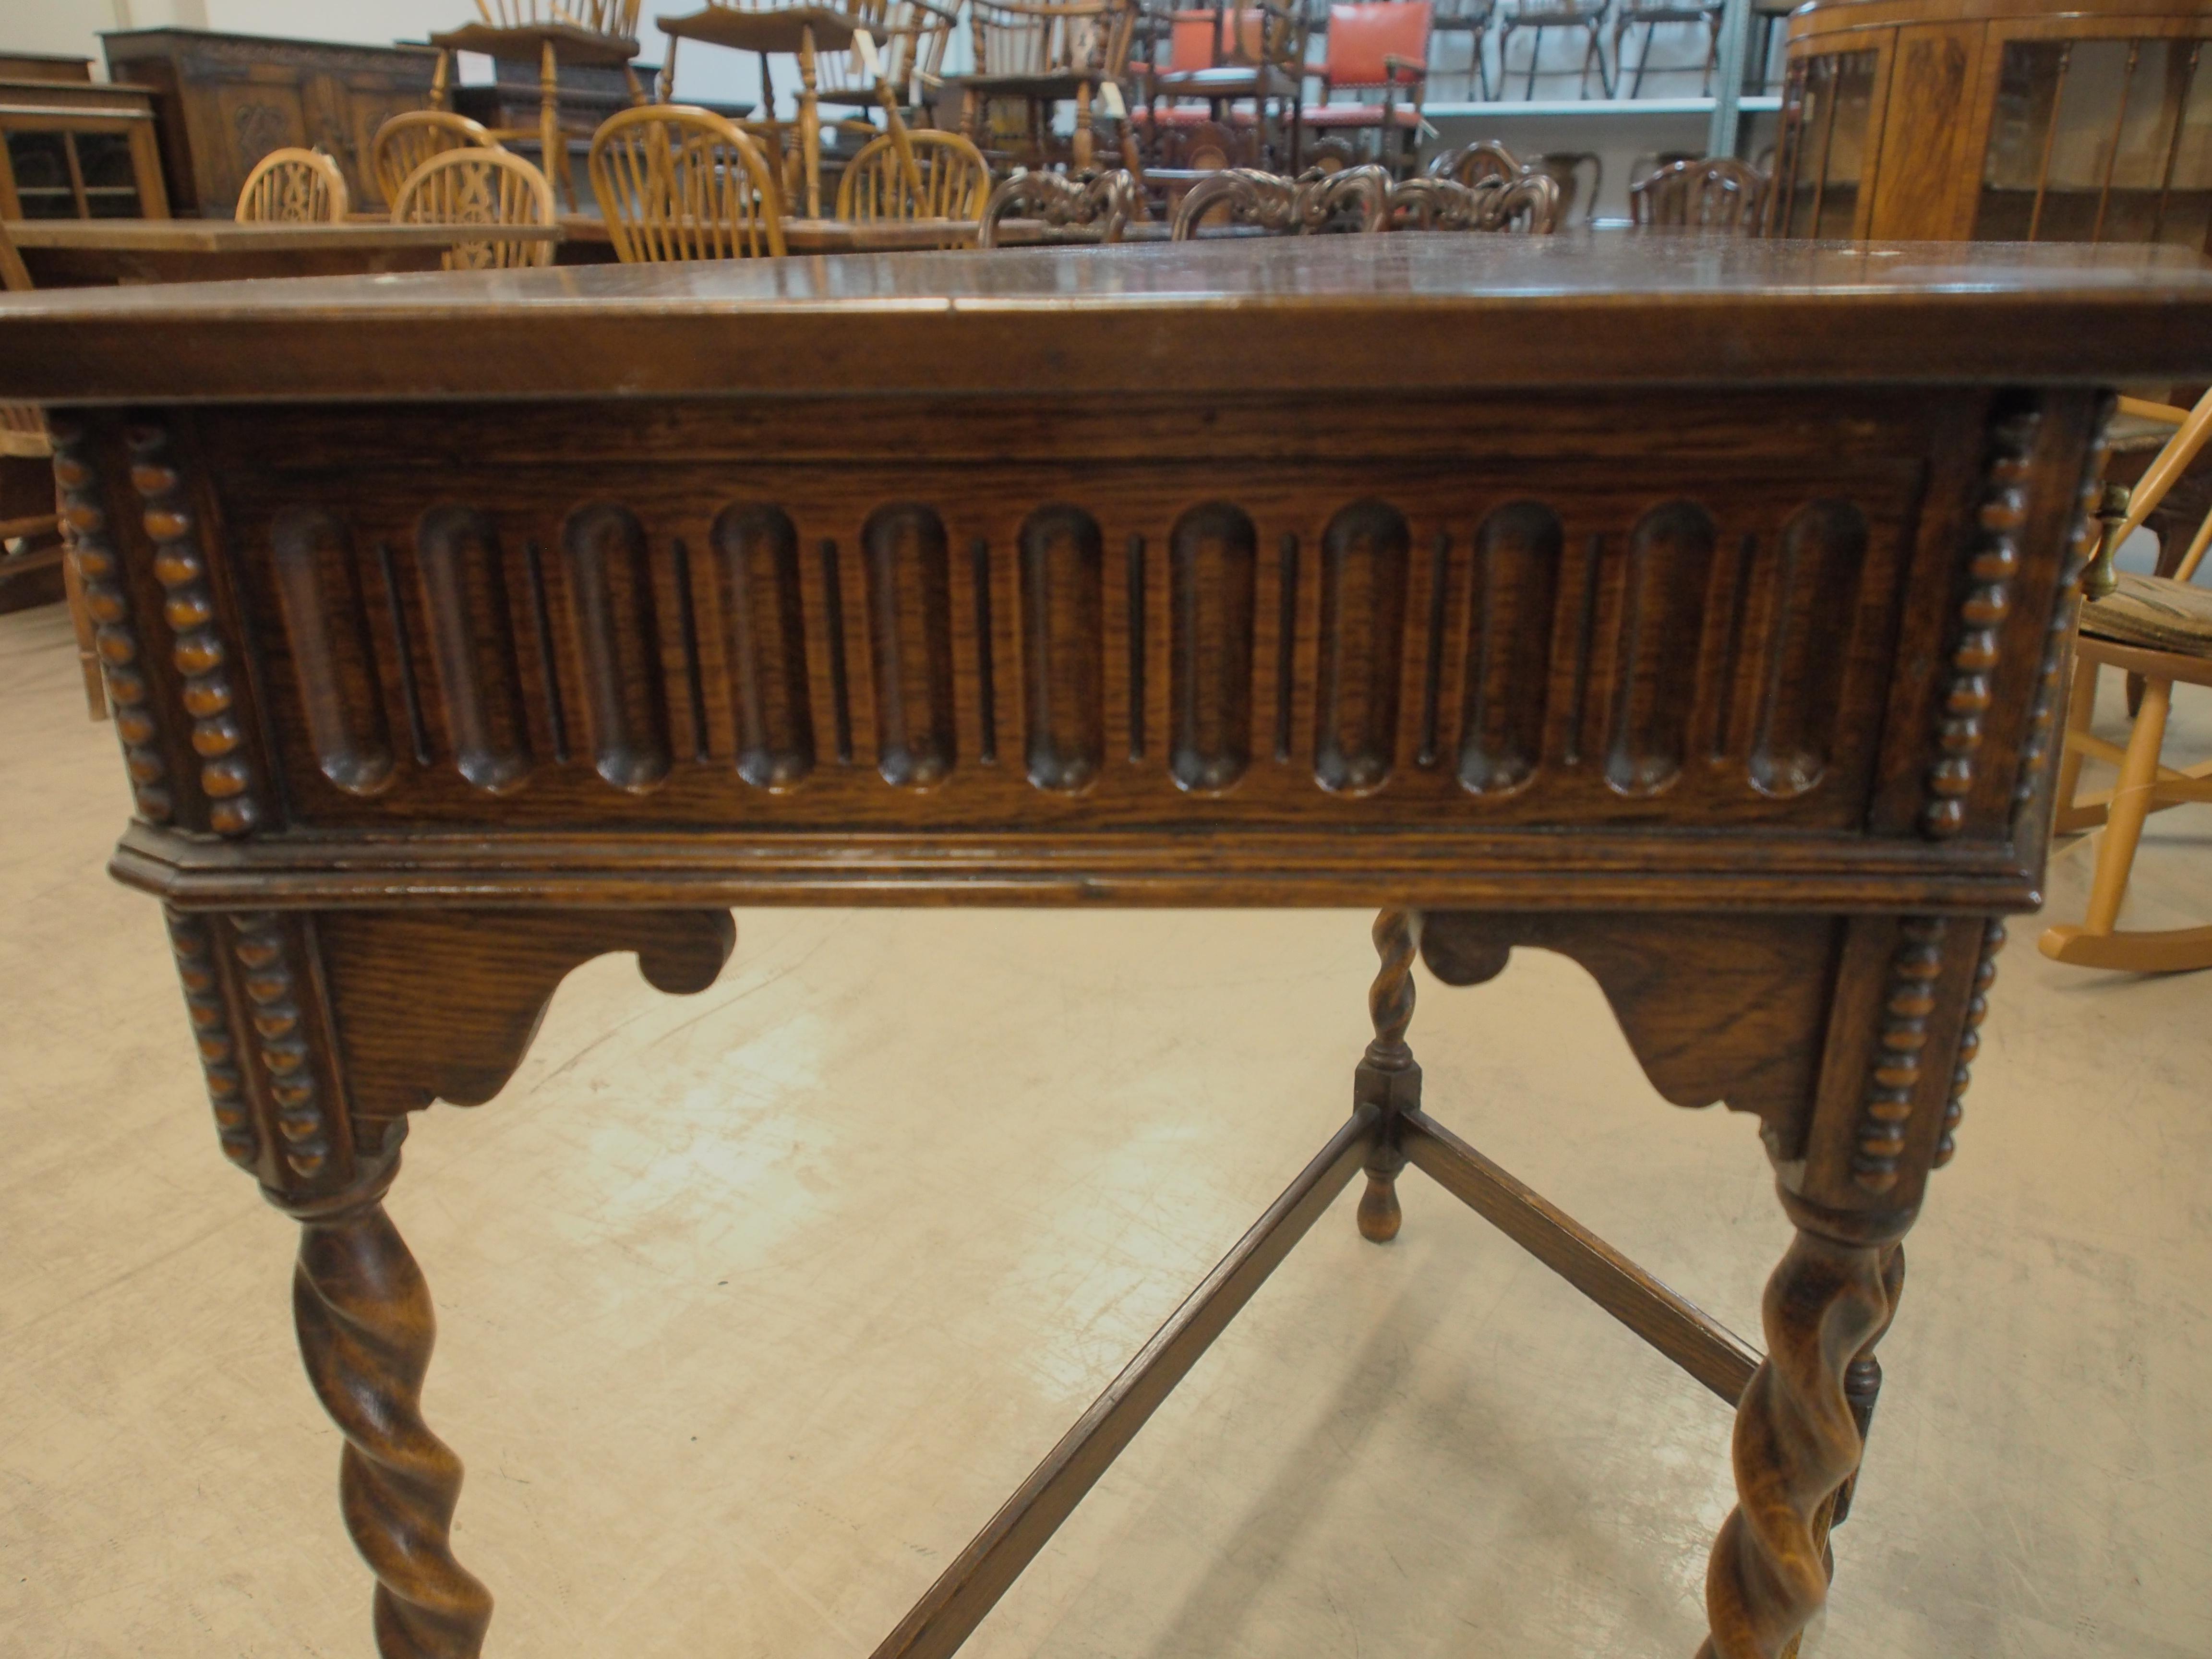 アンティーク家具 アンティーク ホールテーブル コンソールテーブル サイドテーブル ツイストレッグ イギリスアンティーク